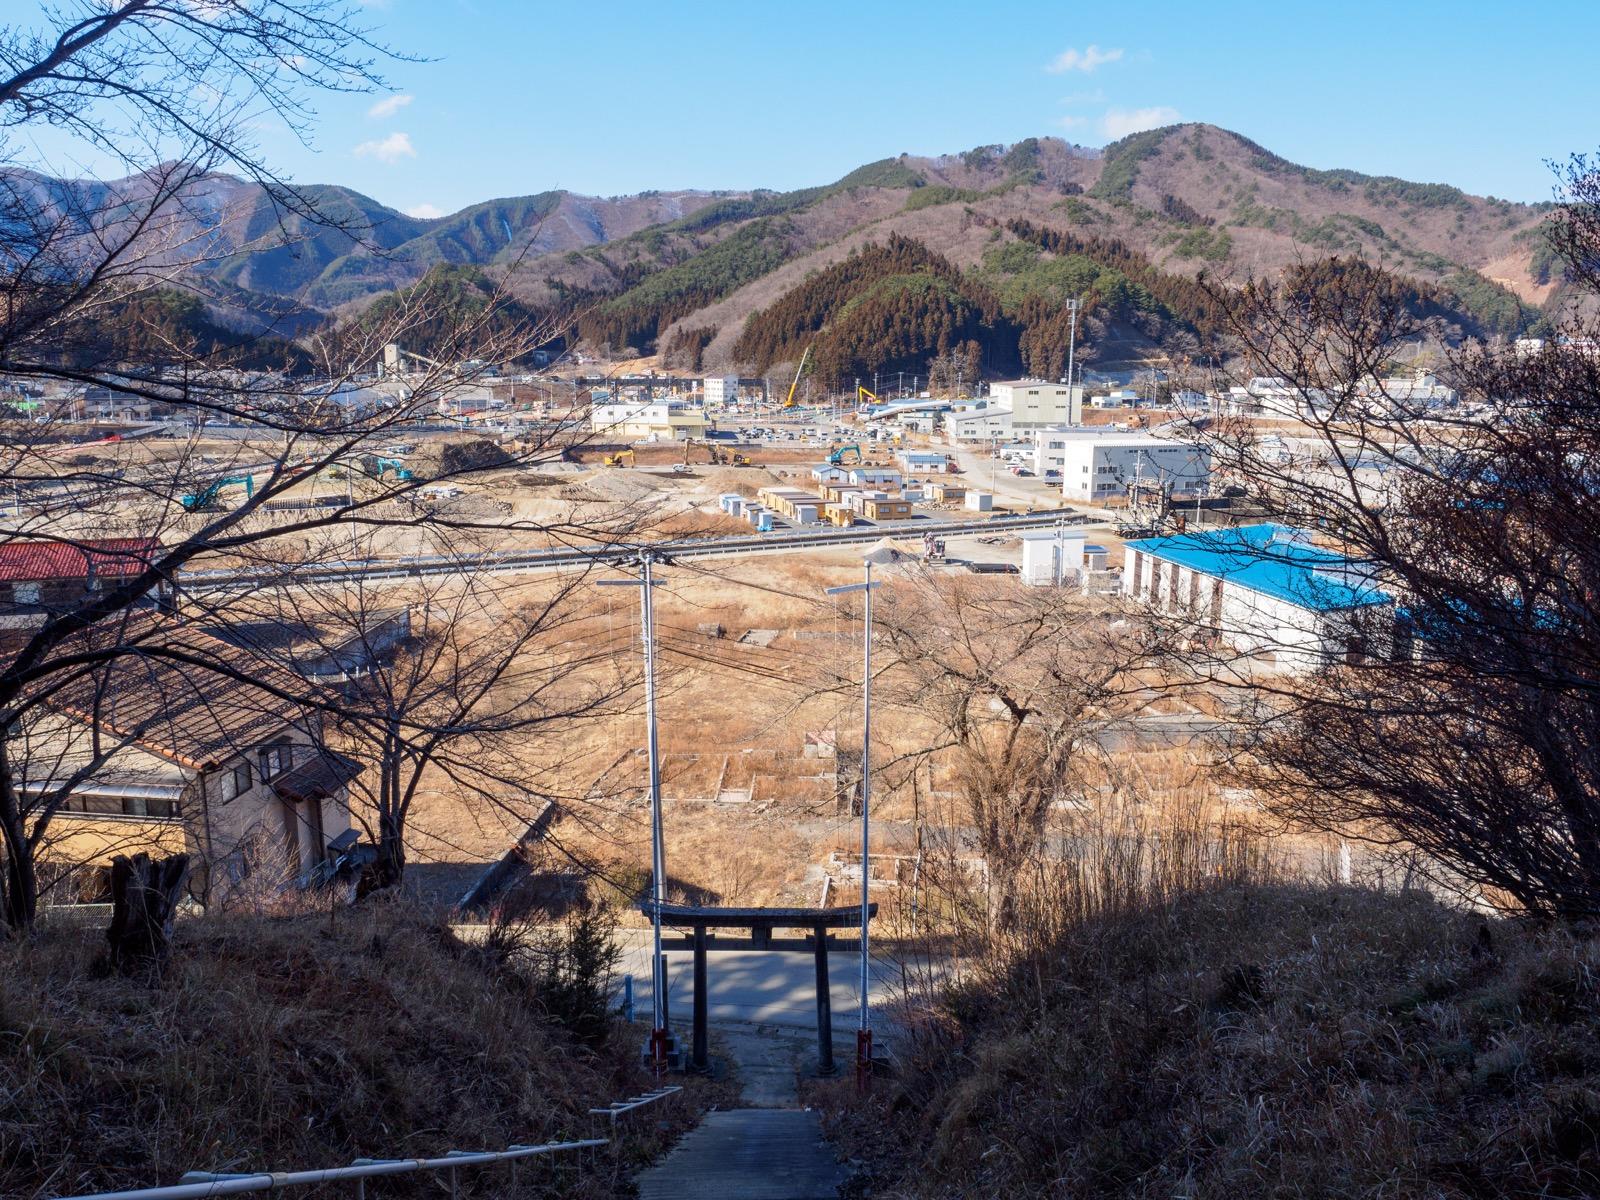 釜石市平田の舘山神社から俯瞰した平田の街